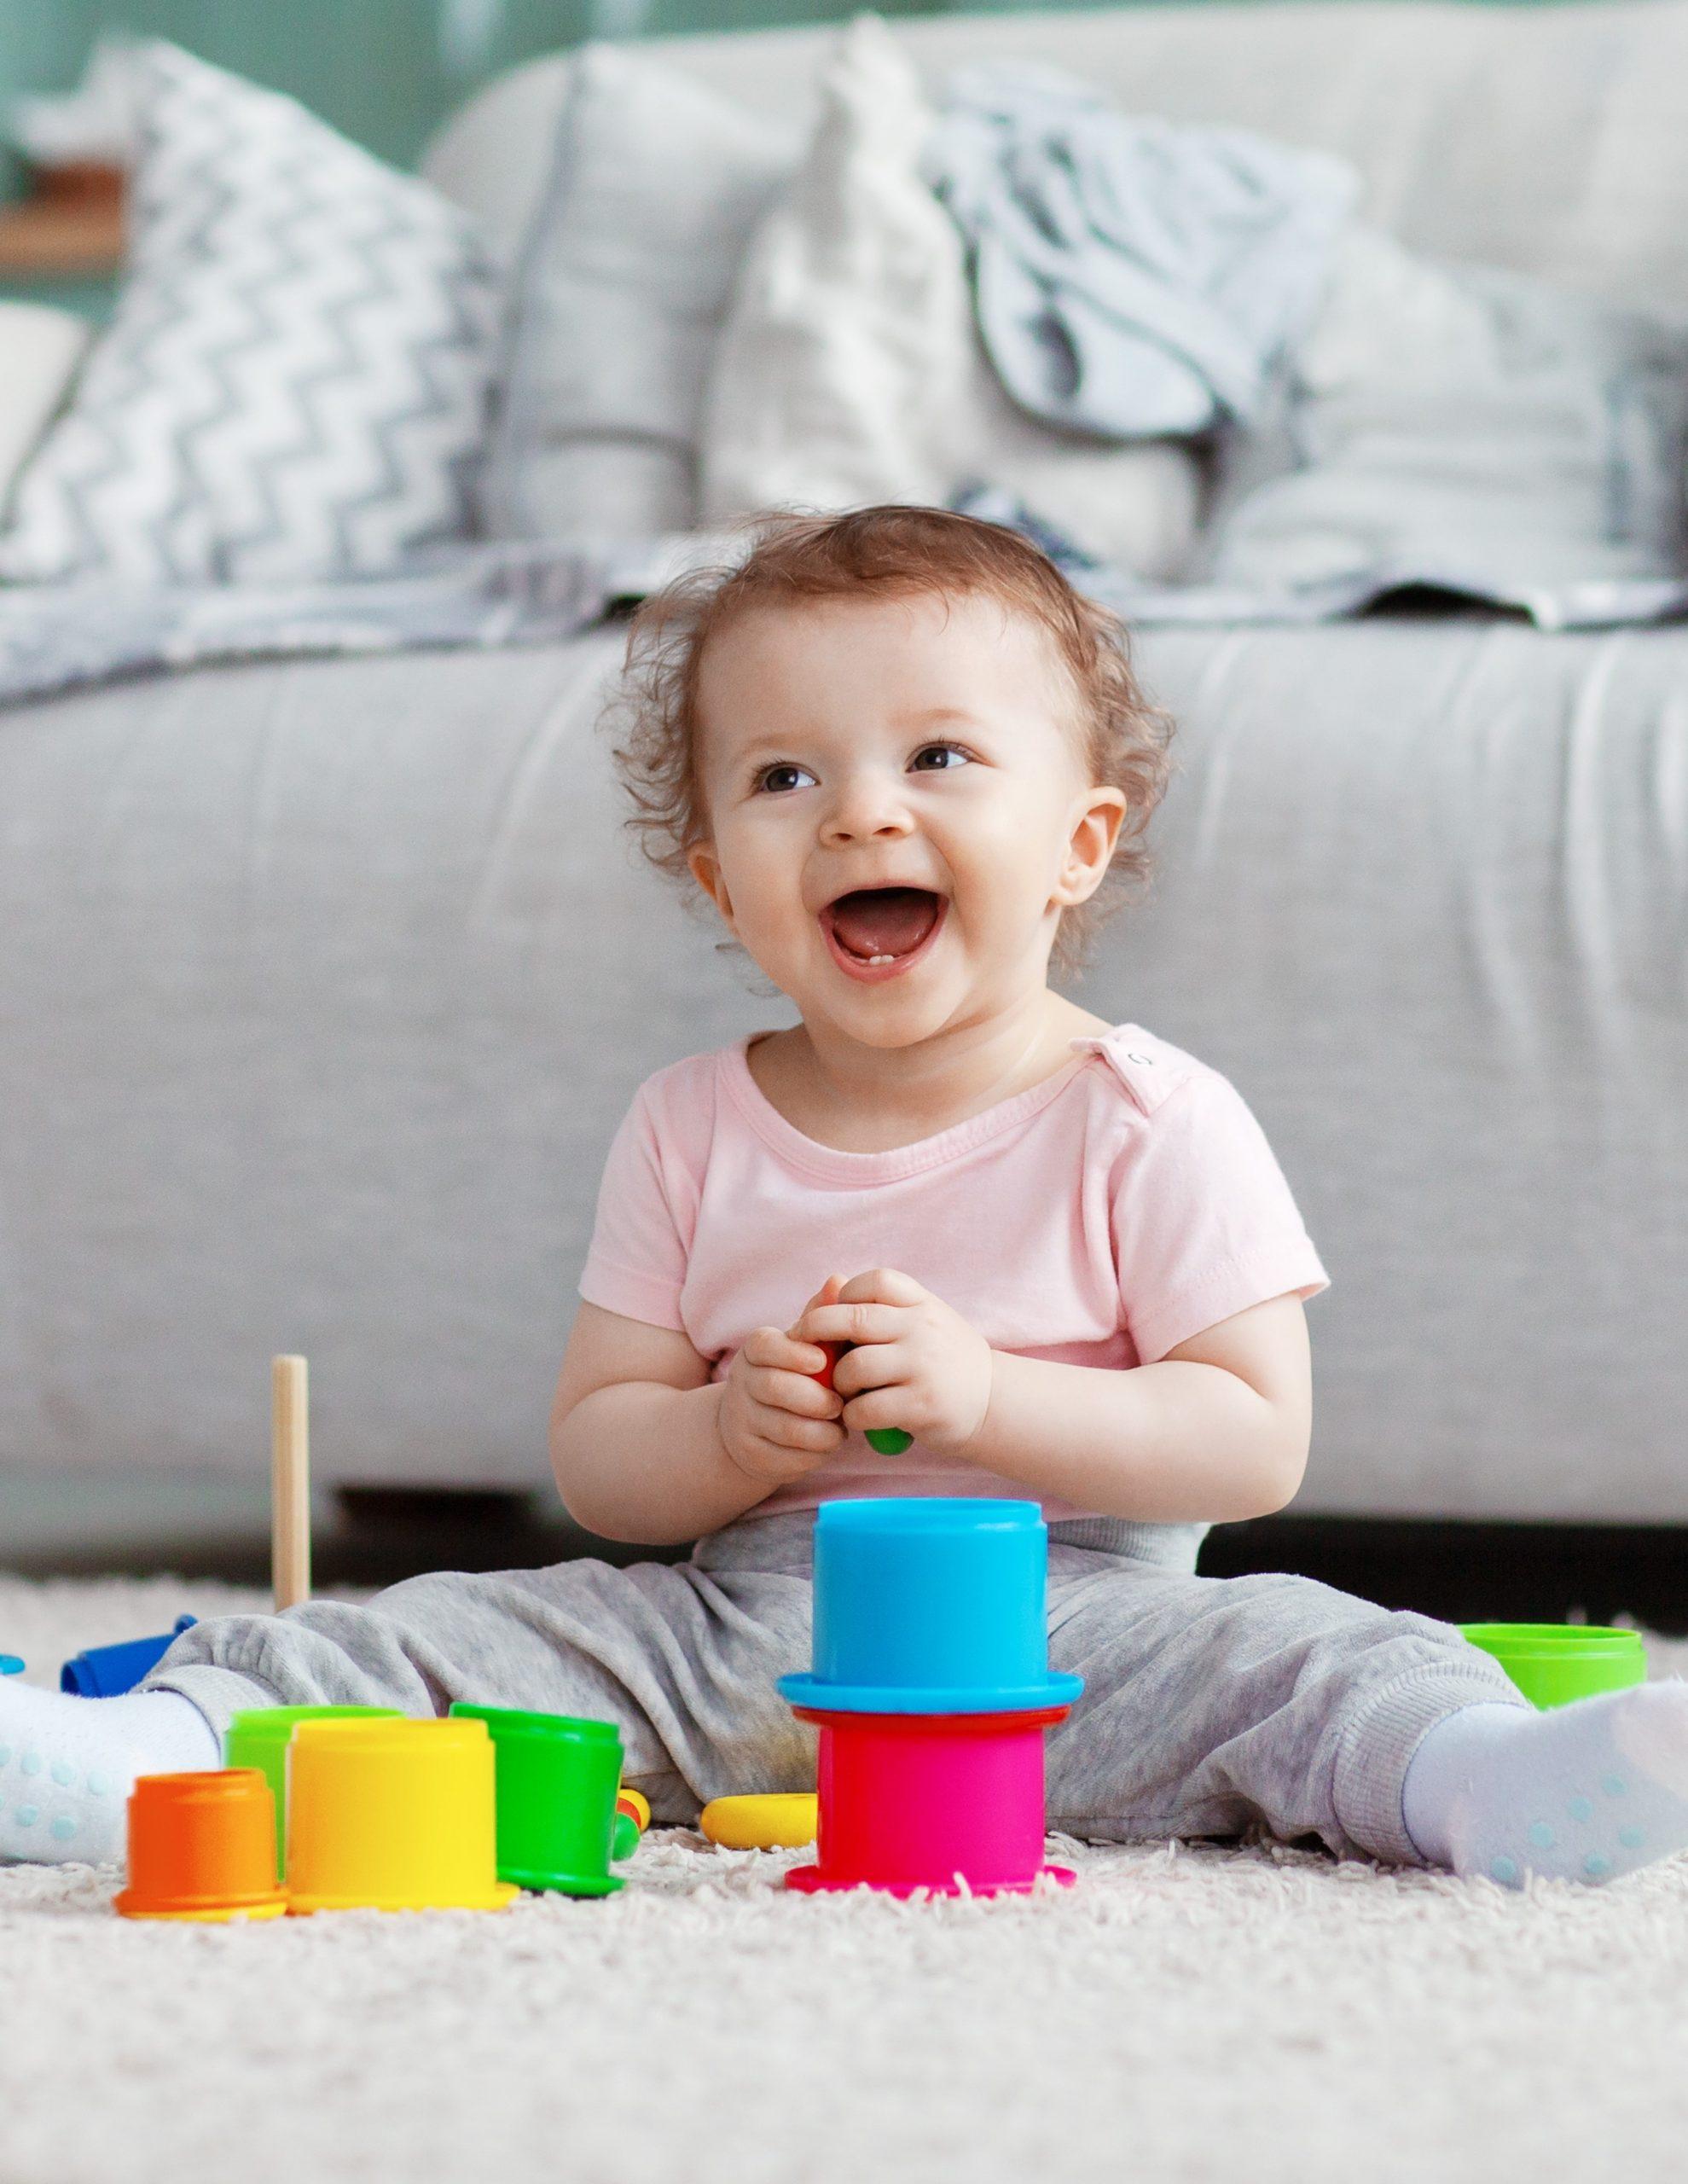 детско развитие, възпитани, психолог, логопед